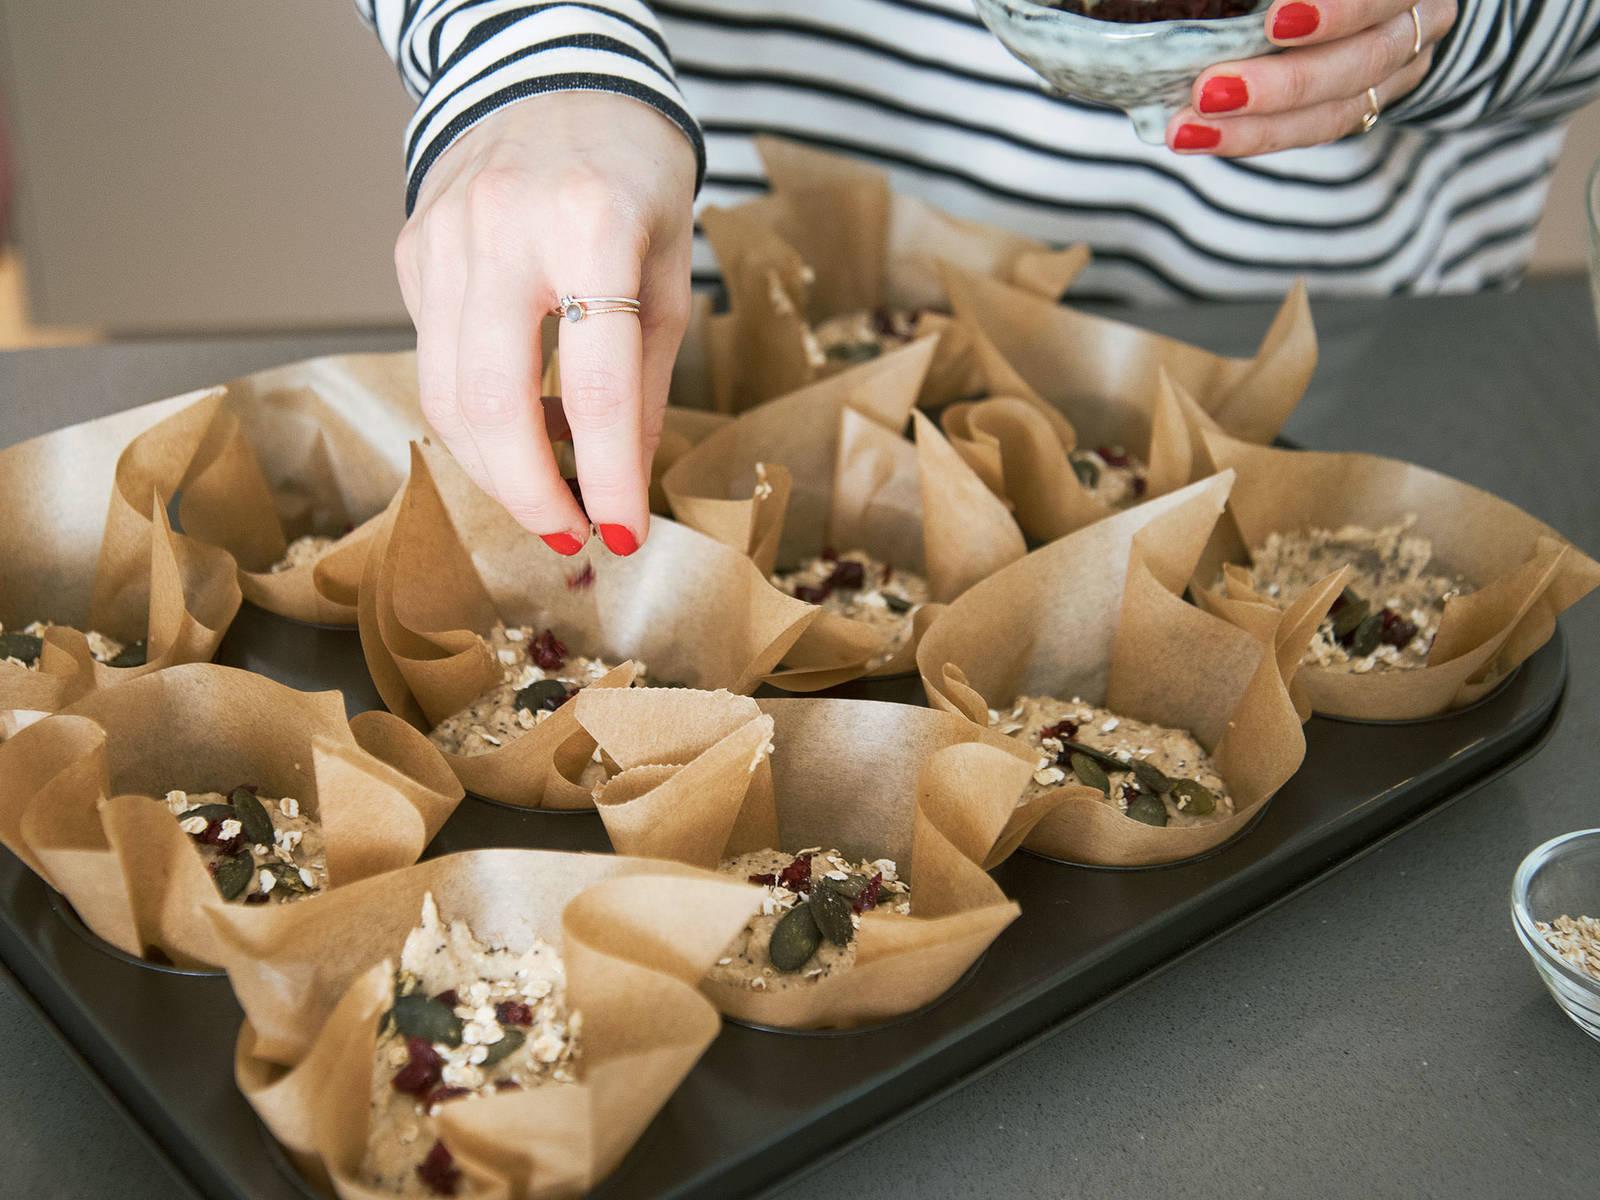 Muffins ca. 30 Min. bei 200°C backen. Aus dem Backofen nehmen und ca. 15 Min. auf einem Kuchengitter abkühlen lassen. Guten Appetit!